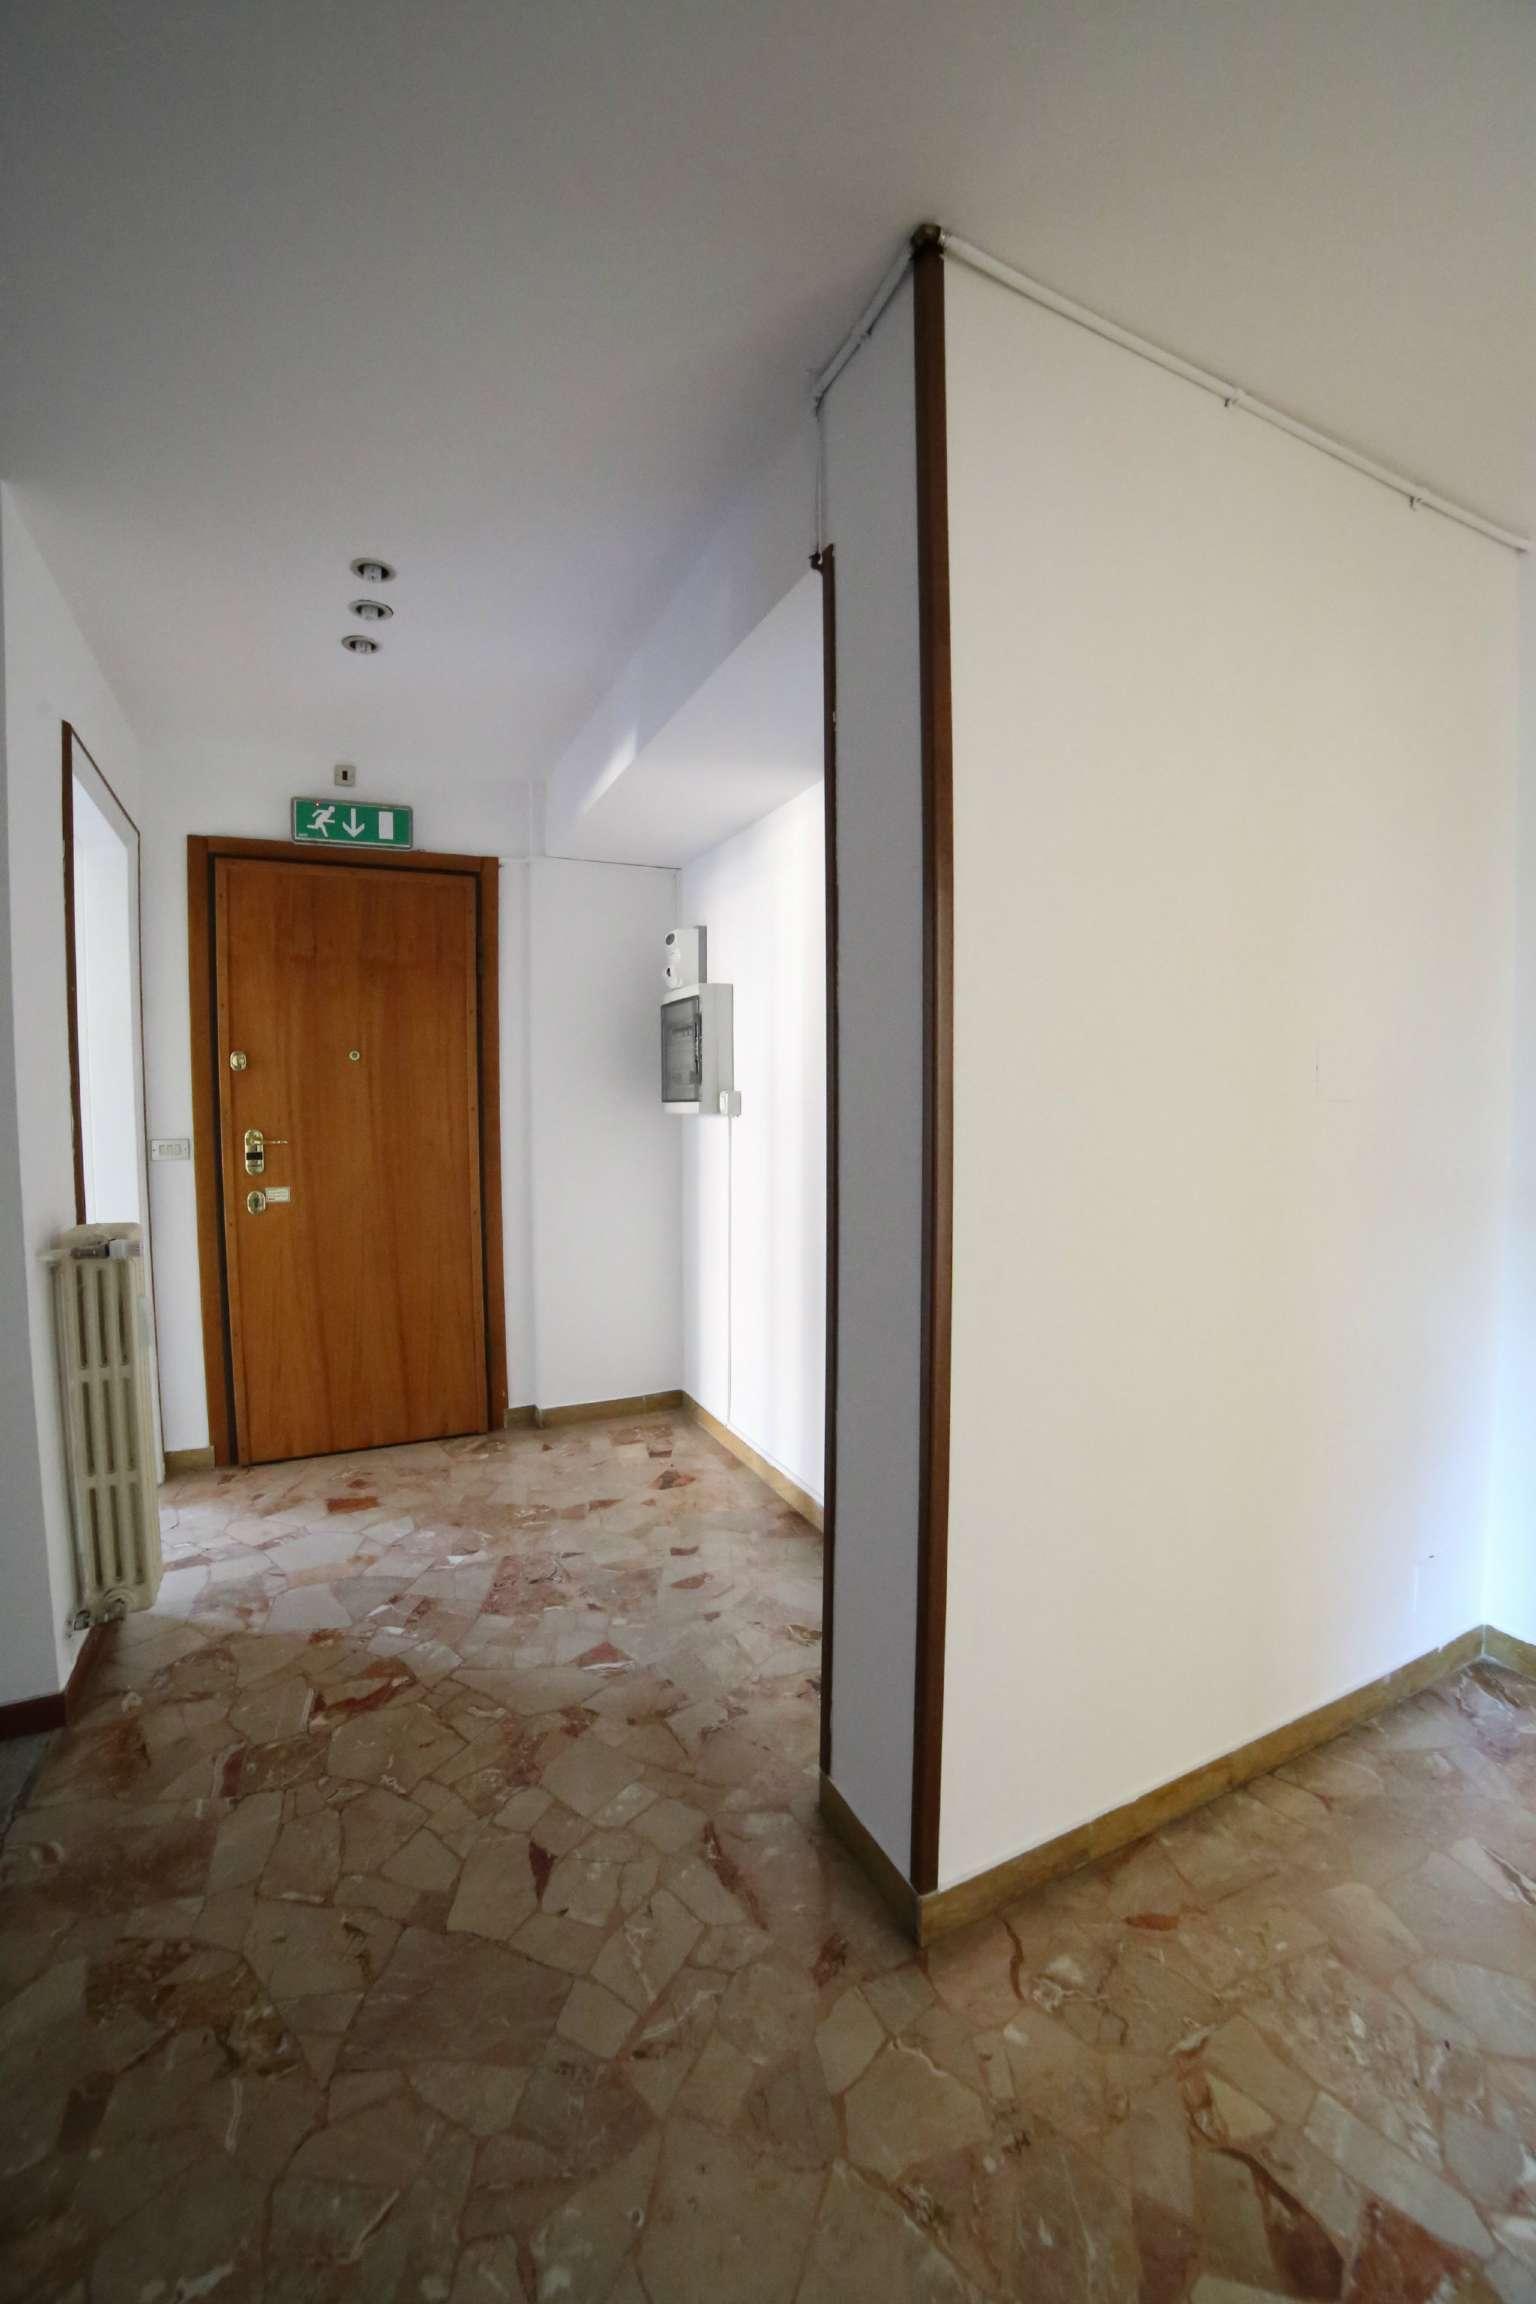 Ufficio / Studio in affitto a Varese, 4 locali, prezzo € 700 | Cambio Casa.it